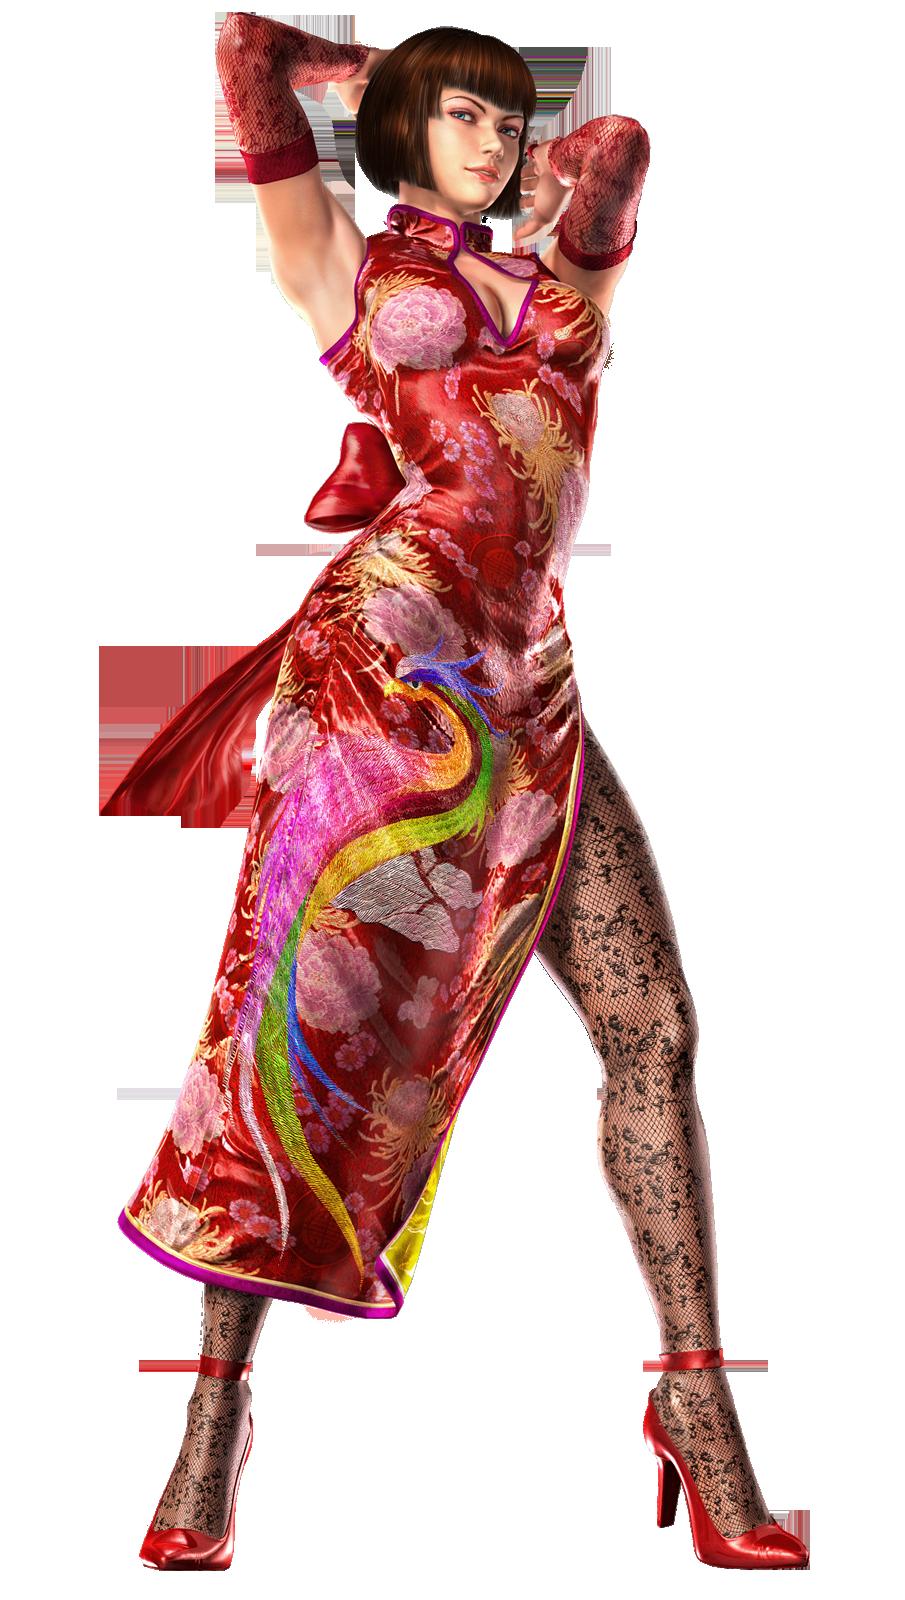 image - anna williams - full-body cg art image - tekken 6